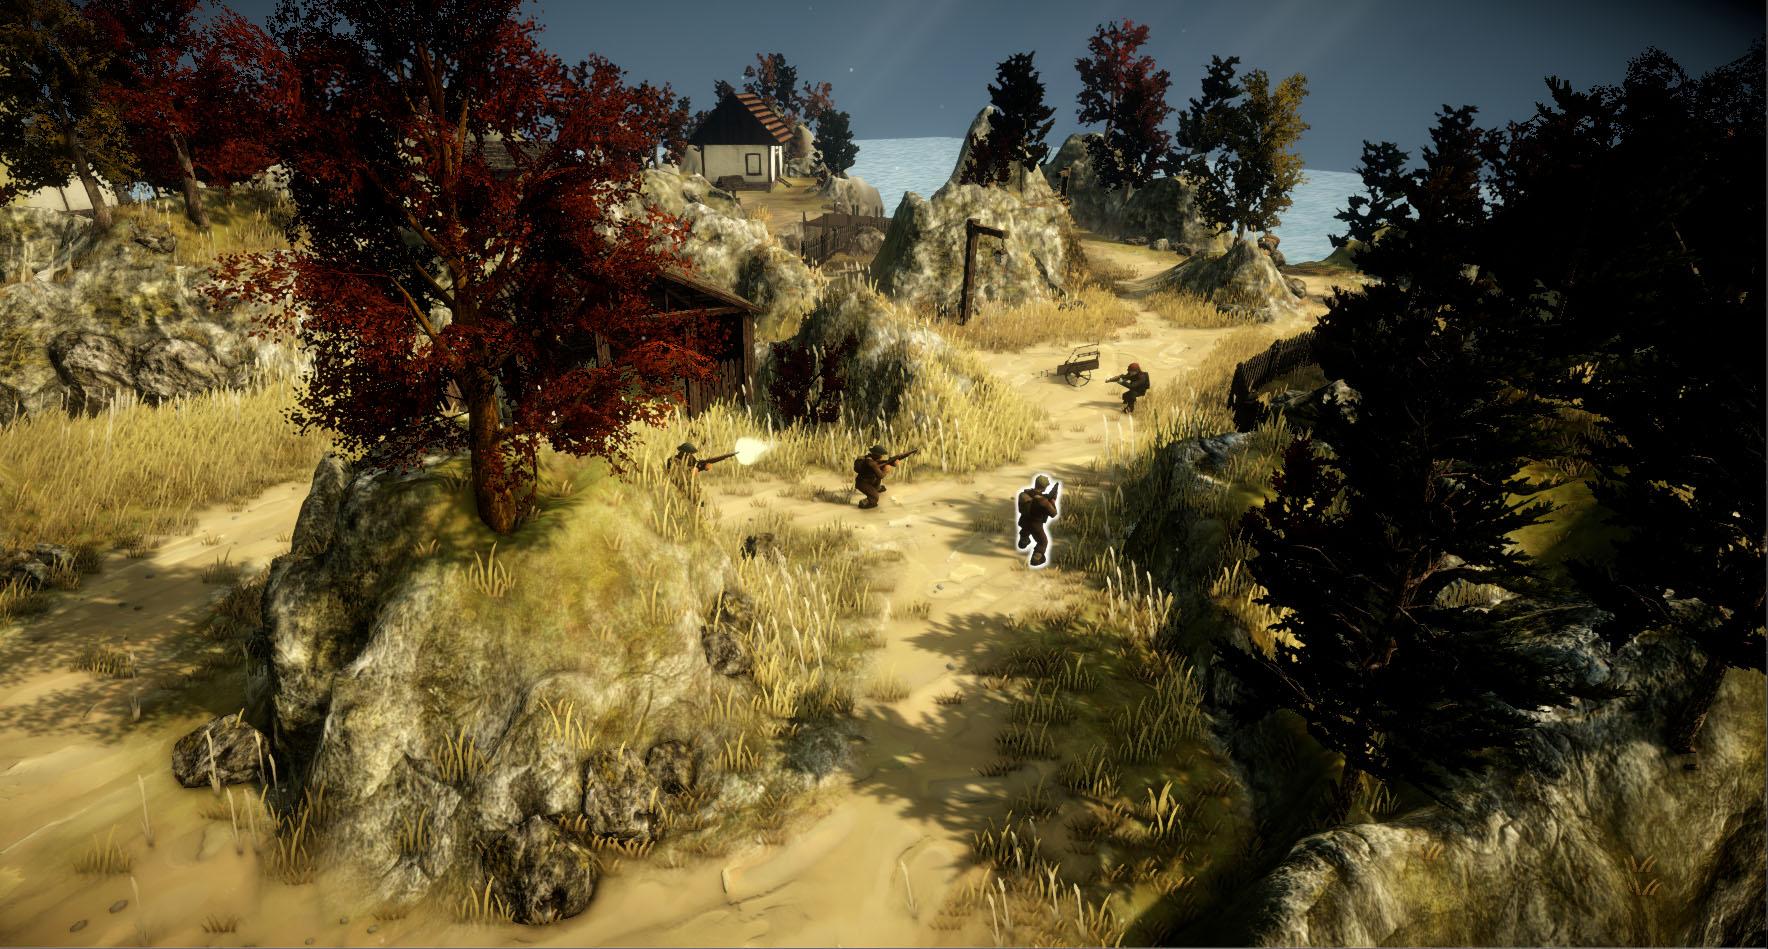 7BrokenLines level screenshot 20 2